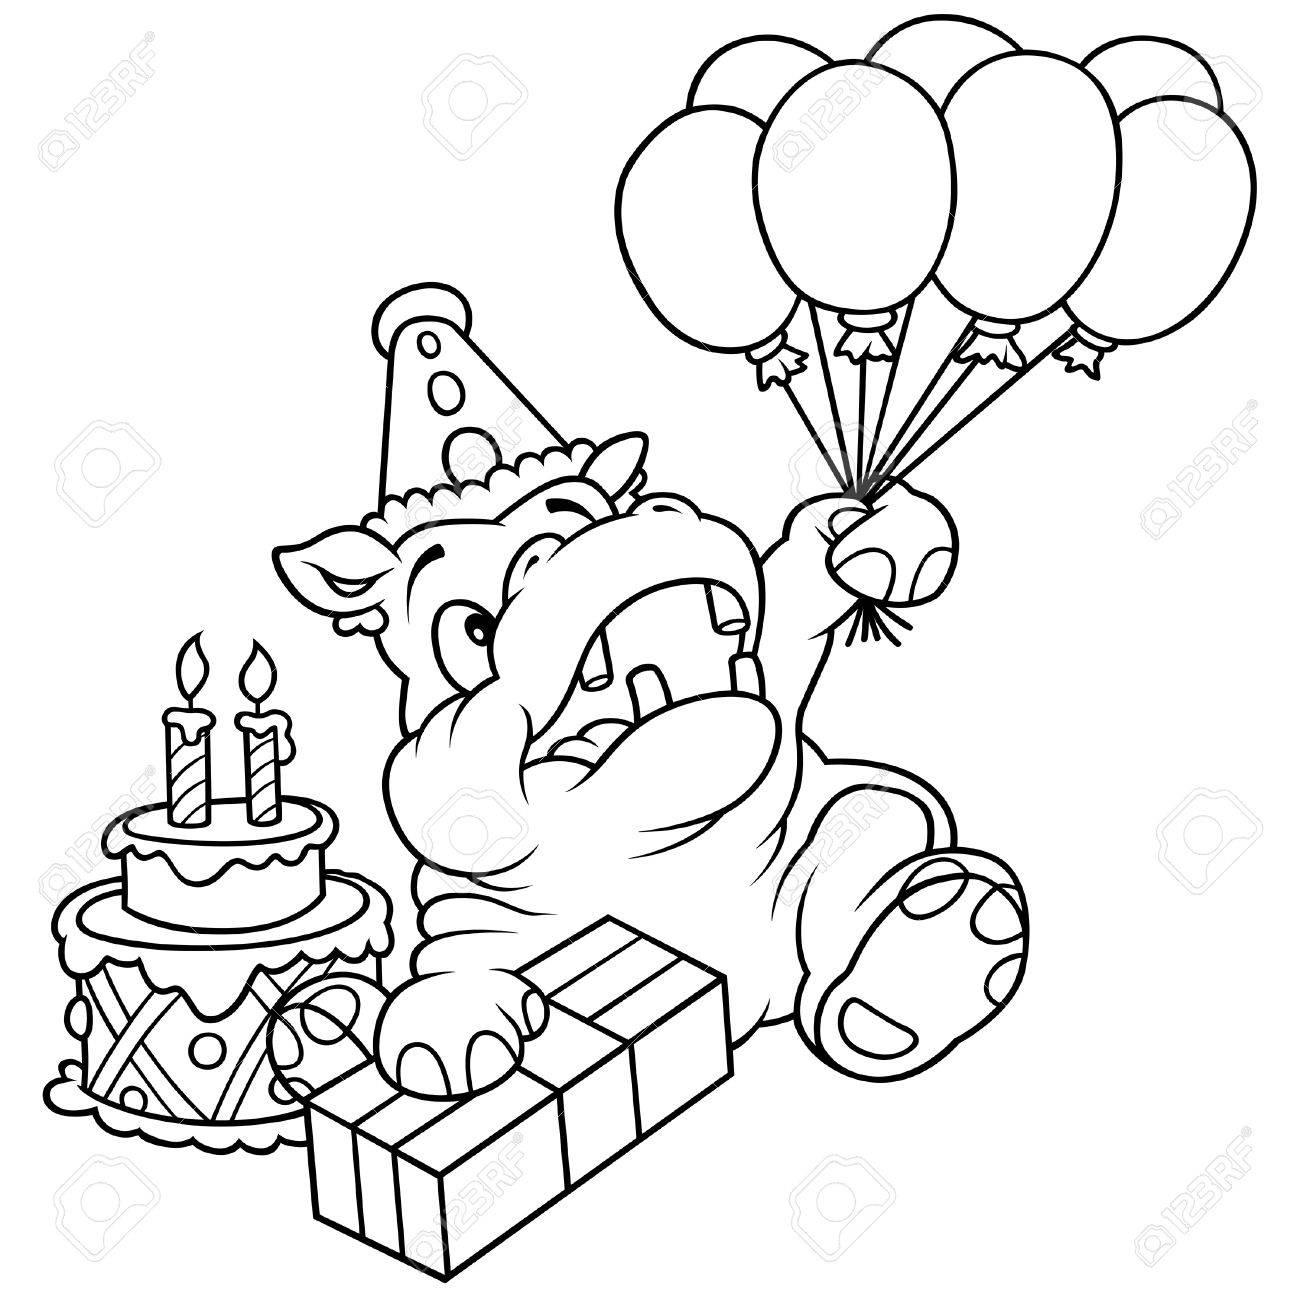 Hippo Et Ballons Illustration De Dessin Animé Noir Et Blanc Vecteur